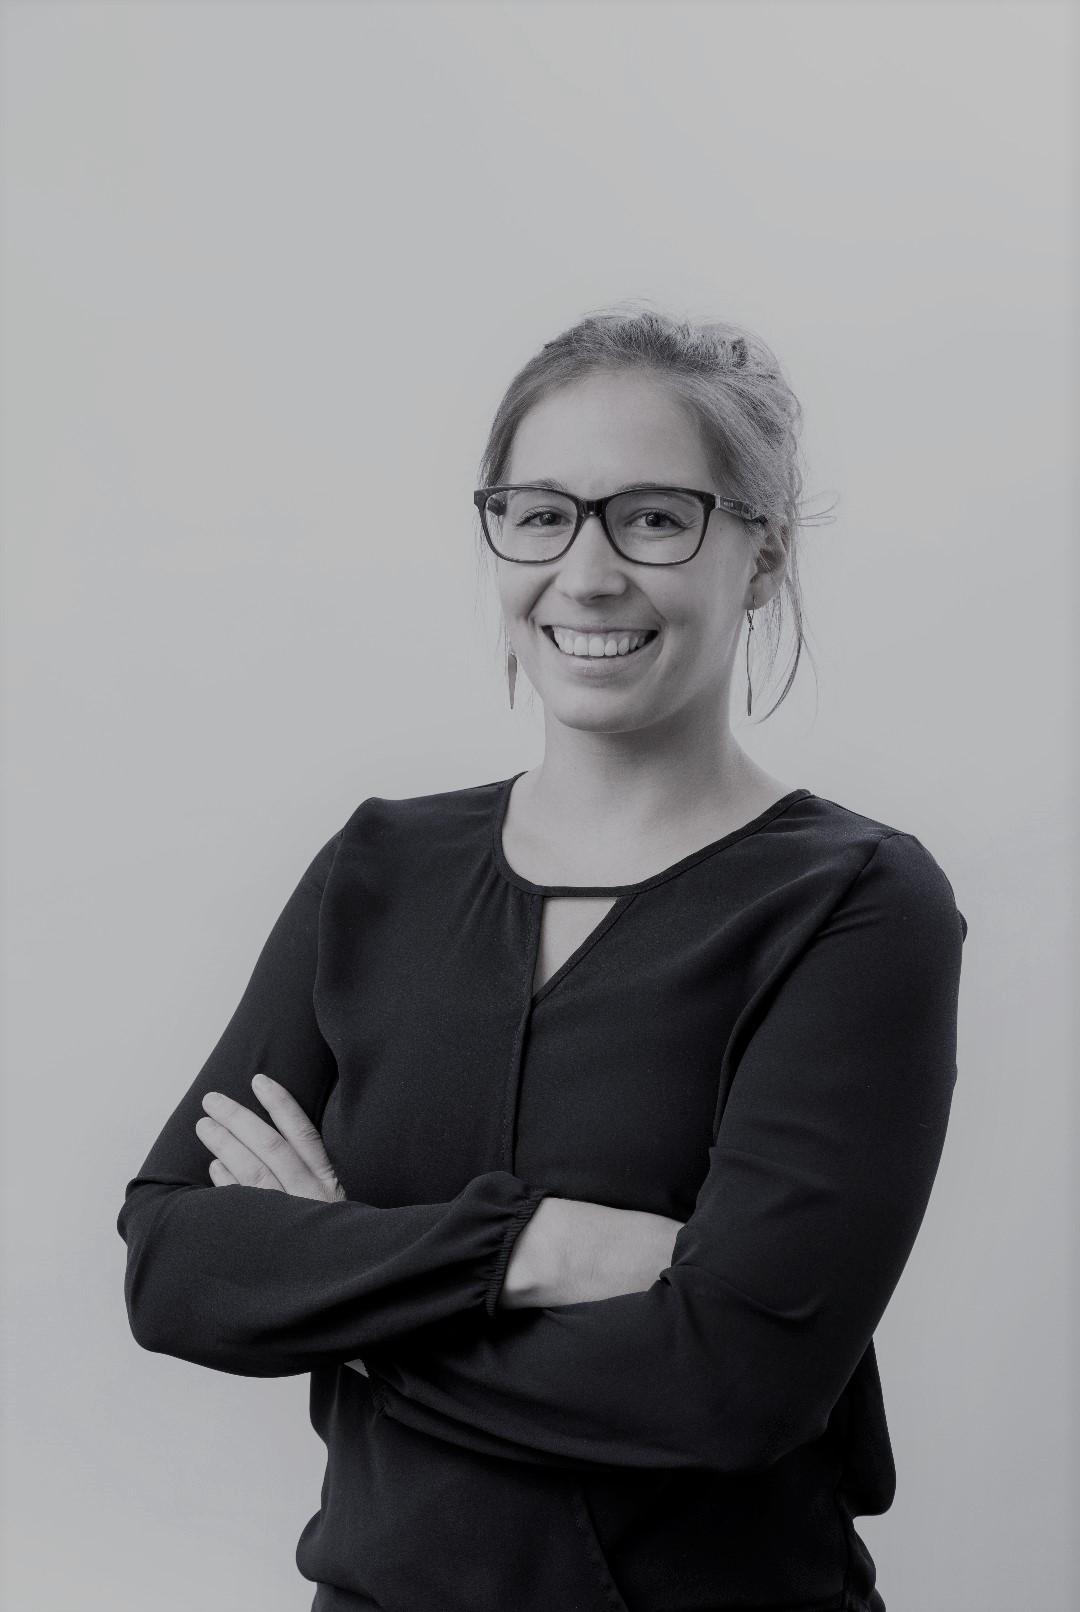 Carmen Vandenhoeck